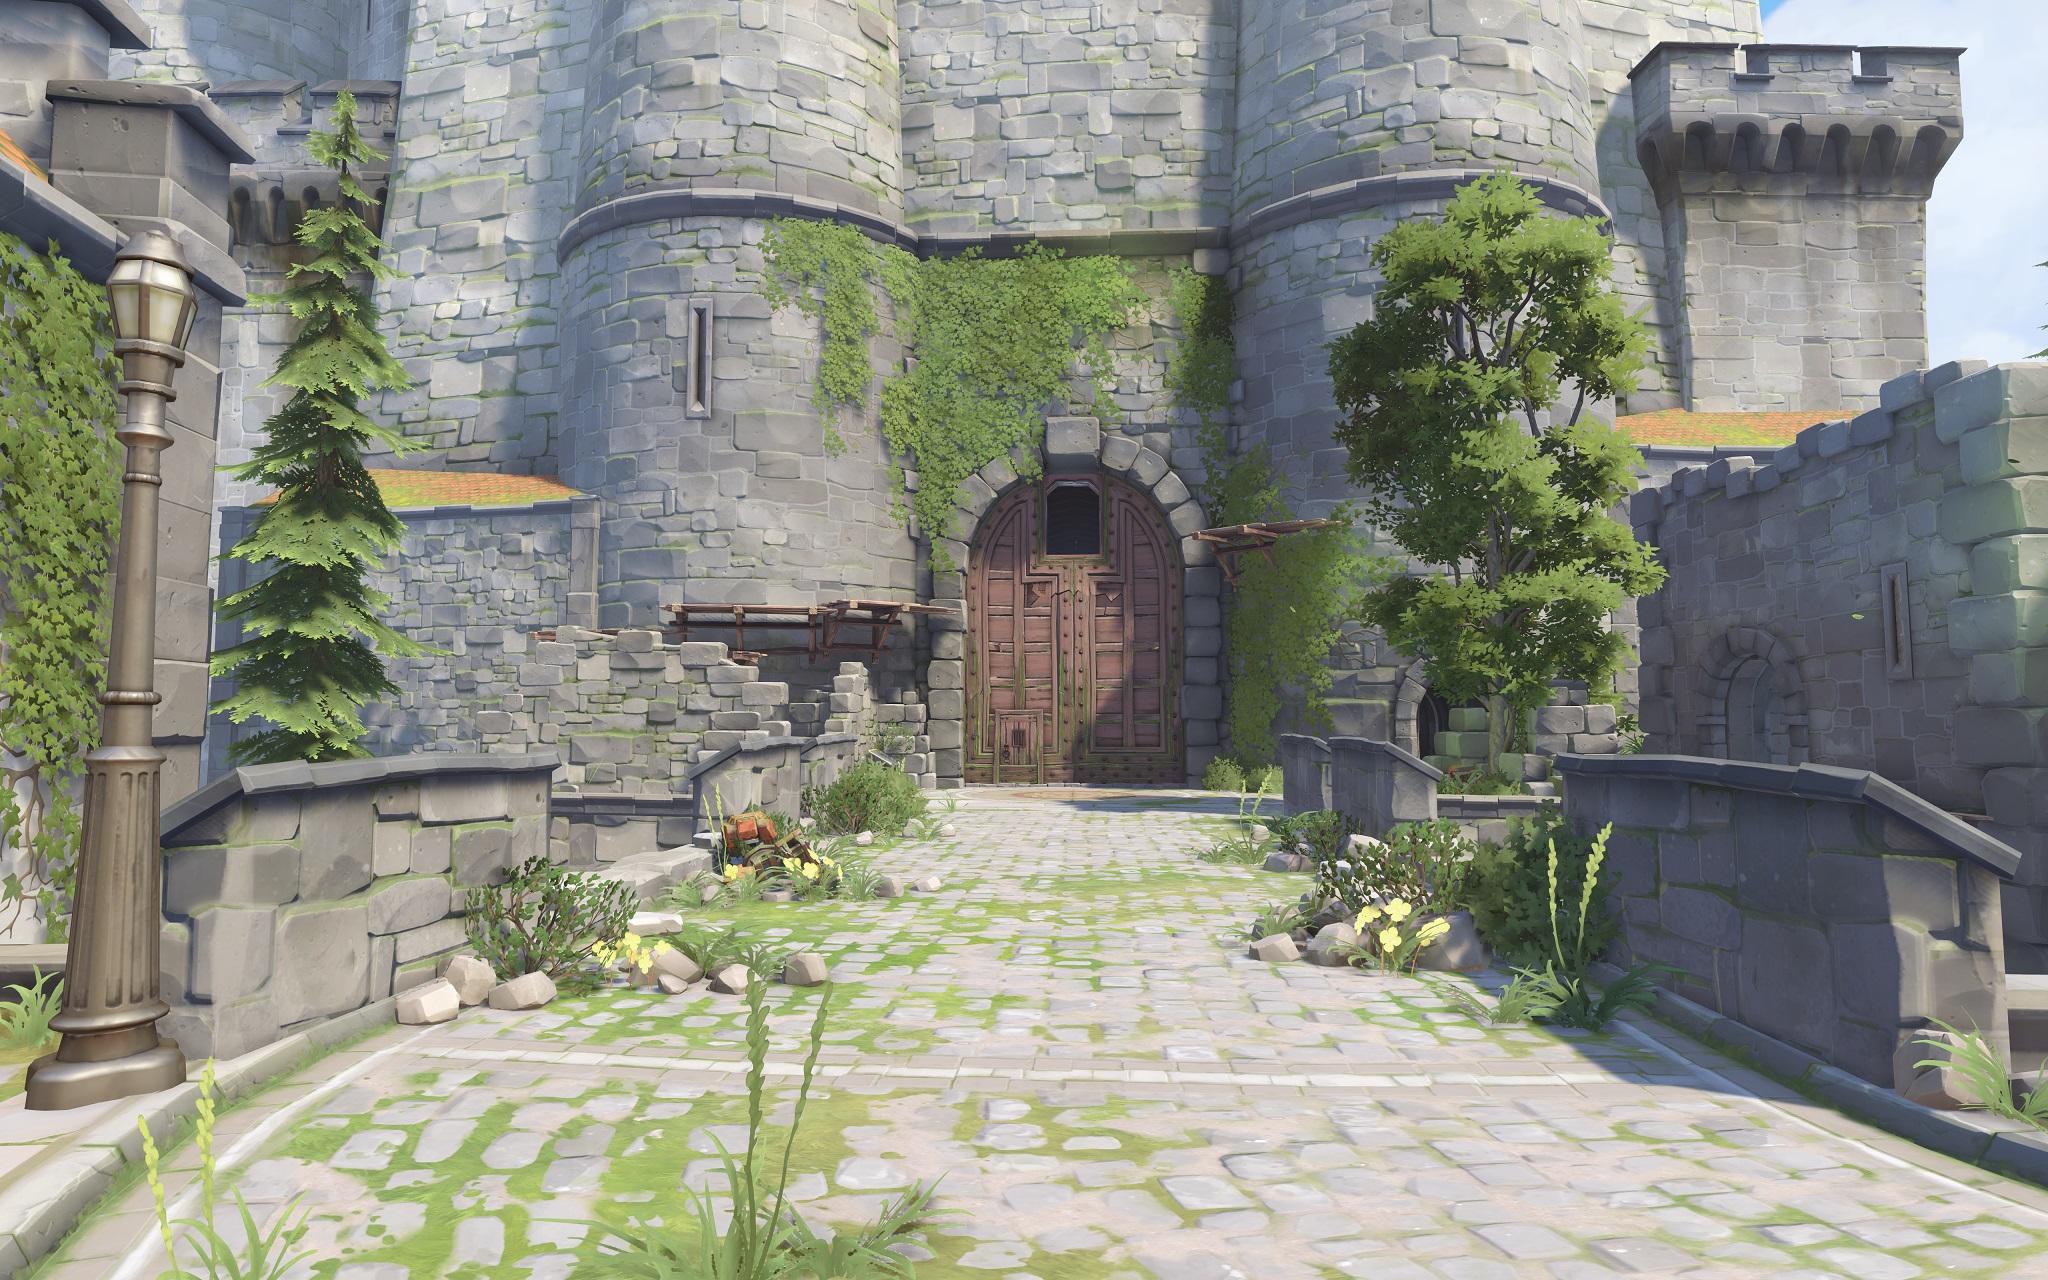 Nová mapa pro Overwatch nás zavede do hradu a přilehlého městečka v Německu 128687